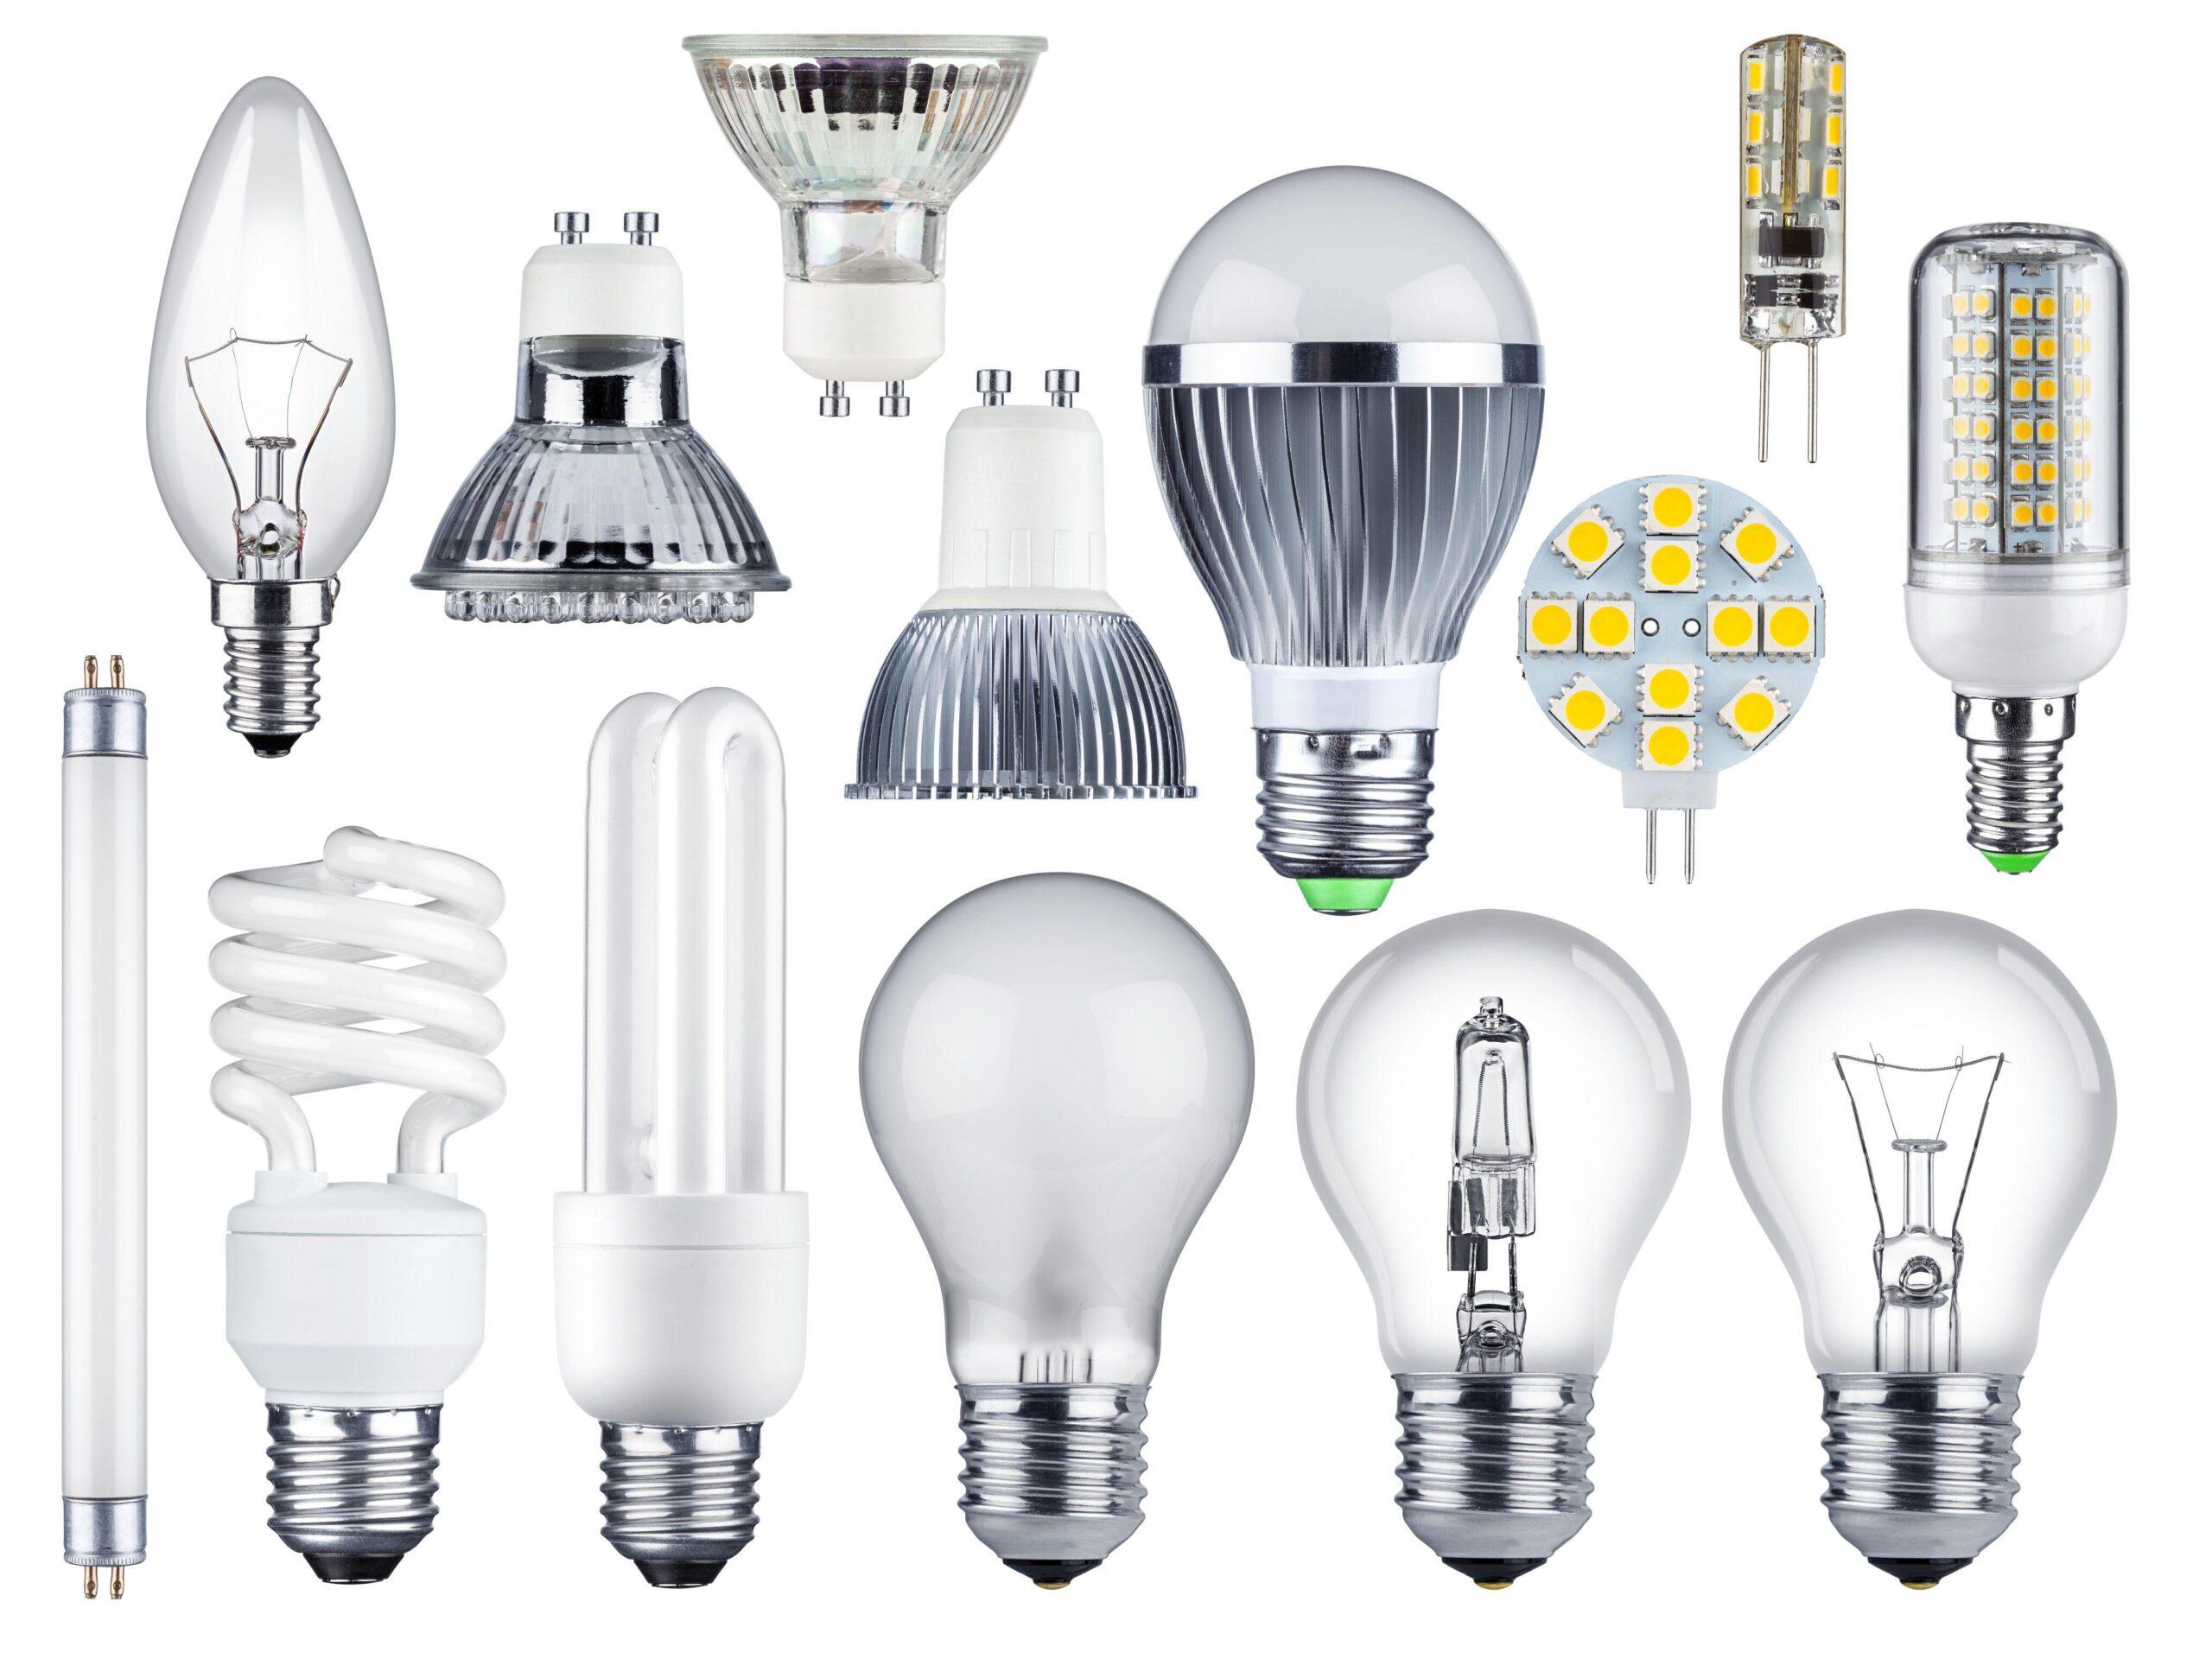 Comment savoir si LED compatible variateur ?